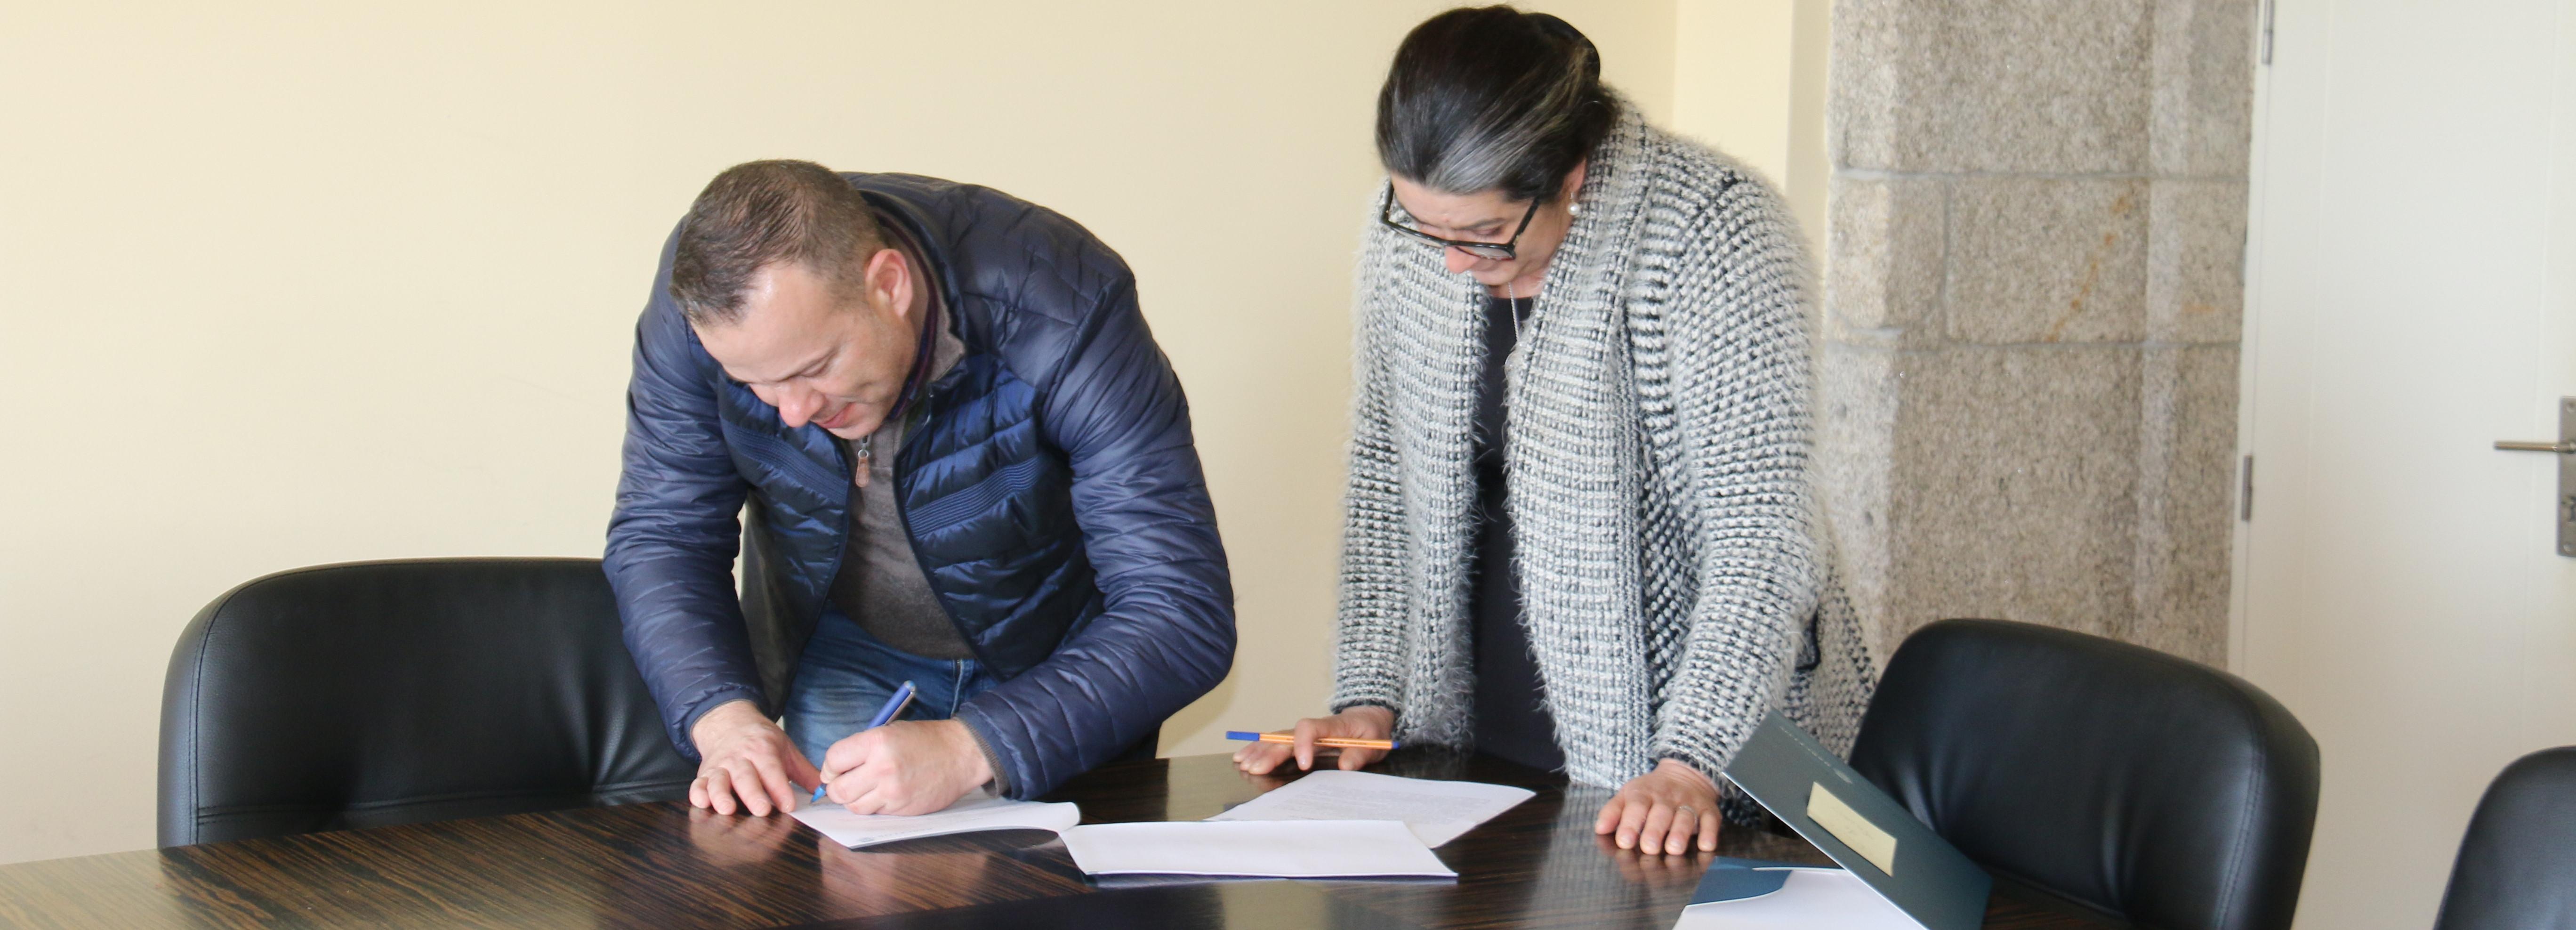 Câmara Municipal reforça projeto Barcelos a Sorrir